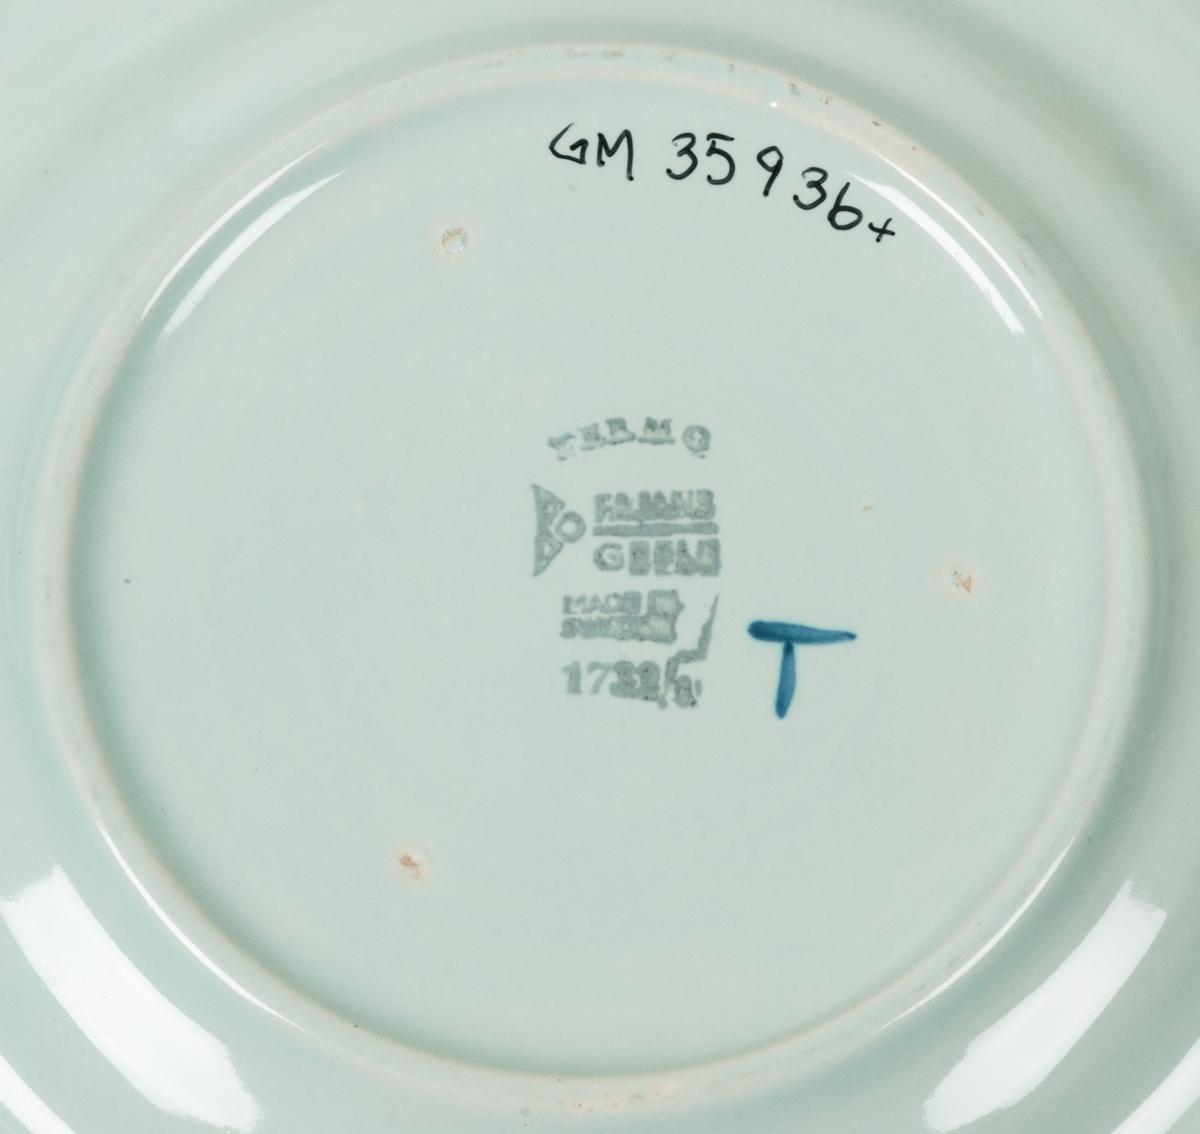 Två assietter tilverkade vid Bo Fajans i Gävle. Ljust blå bottenglasyr med handmålad tupp i mörkare blått i mitten samt en bård runt om i samma färg runt brämet. Stämplad i botten samt försett med ett handmålat T. Tillverkad 1944. Formgiven av Allan Ebeling. Termo innebär att föremålet är ungseldfast. Några småskador i kanten.